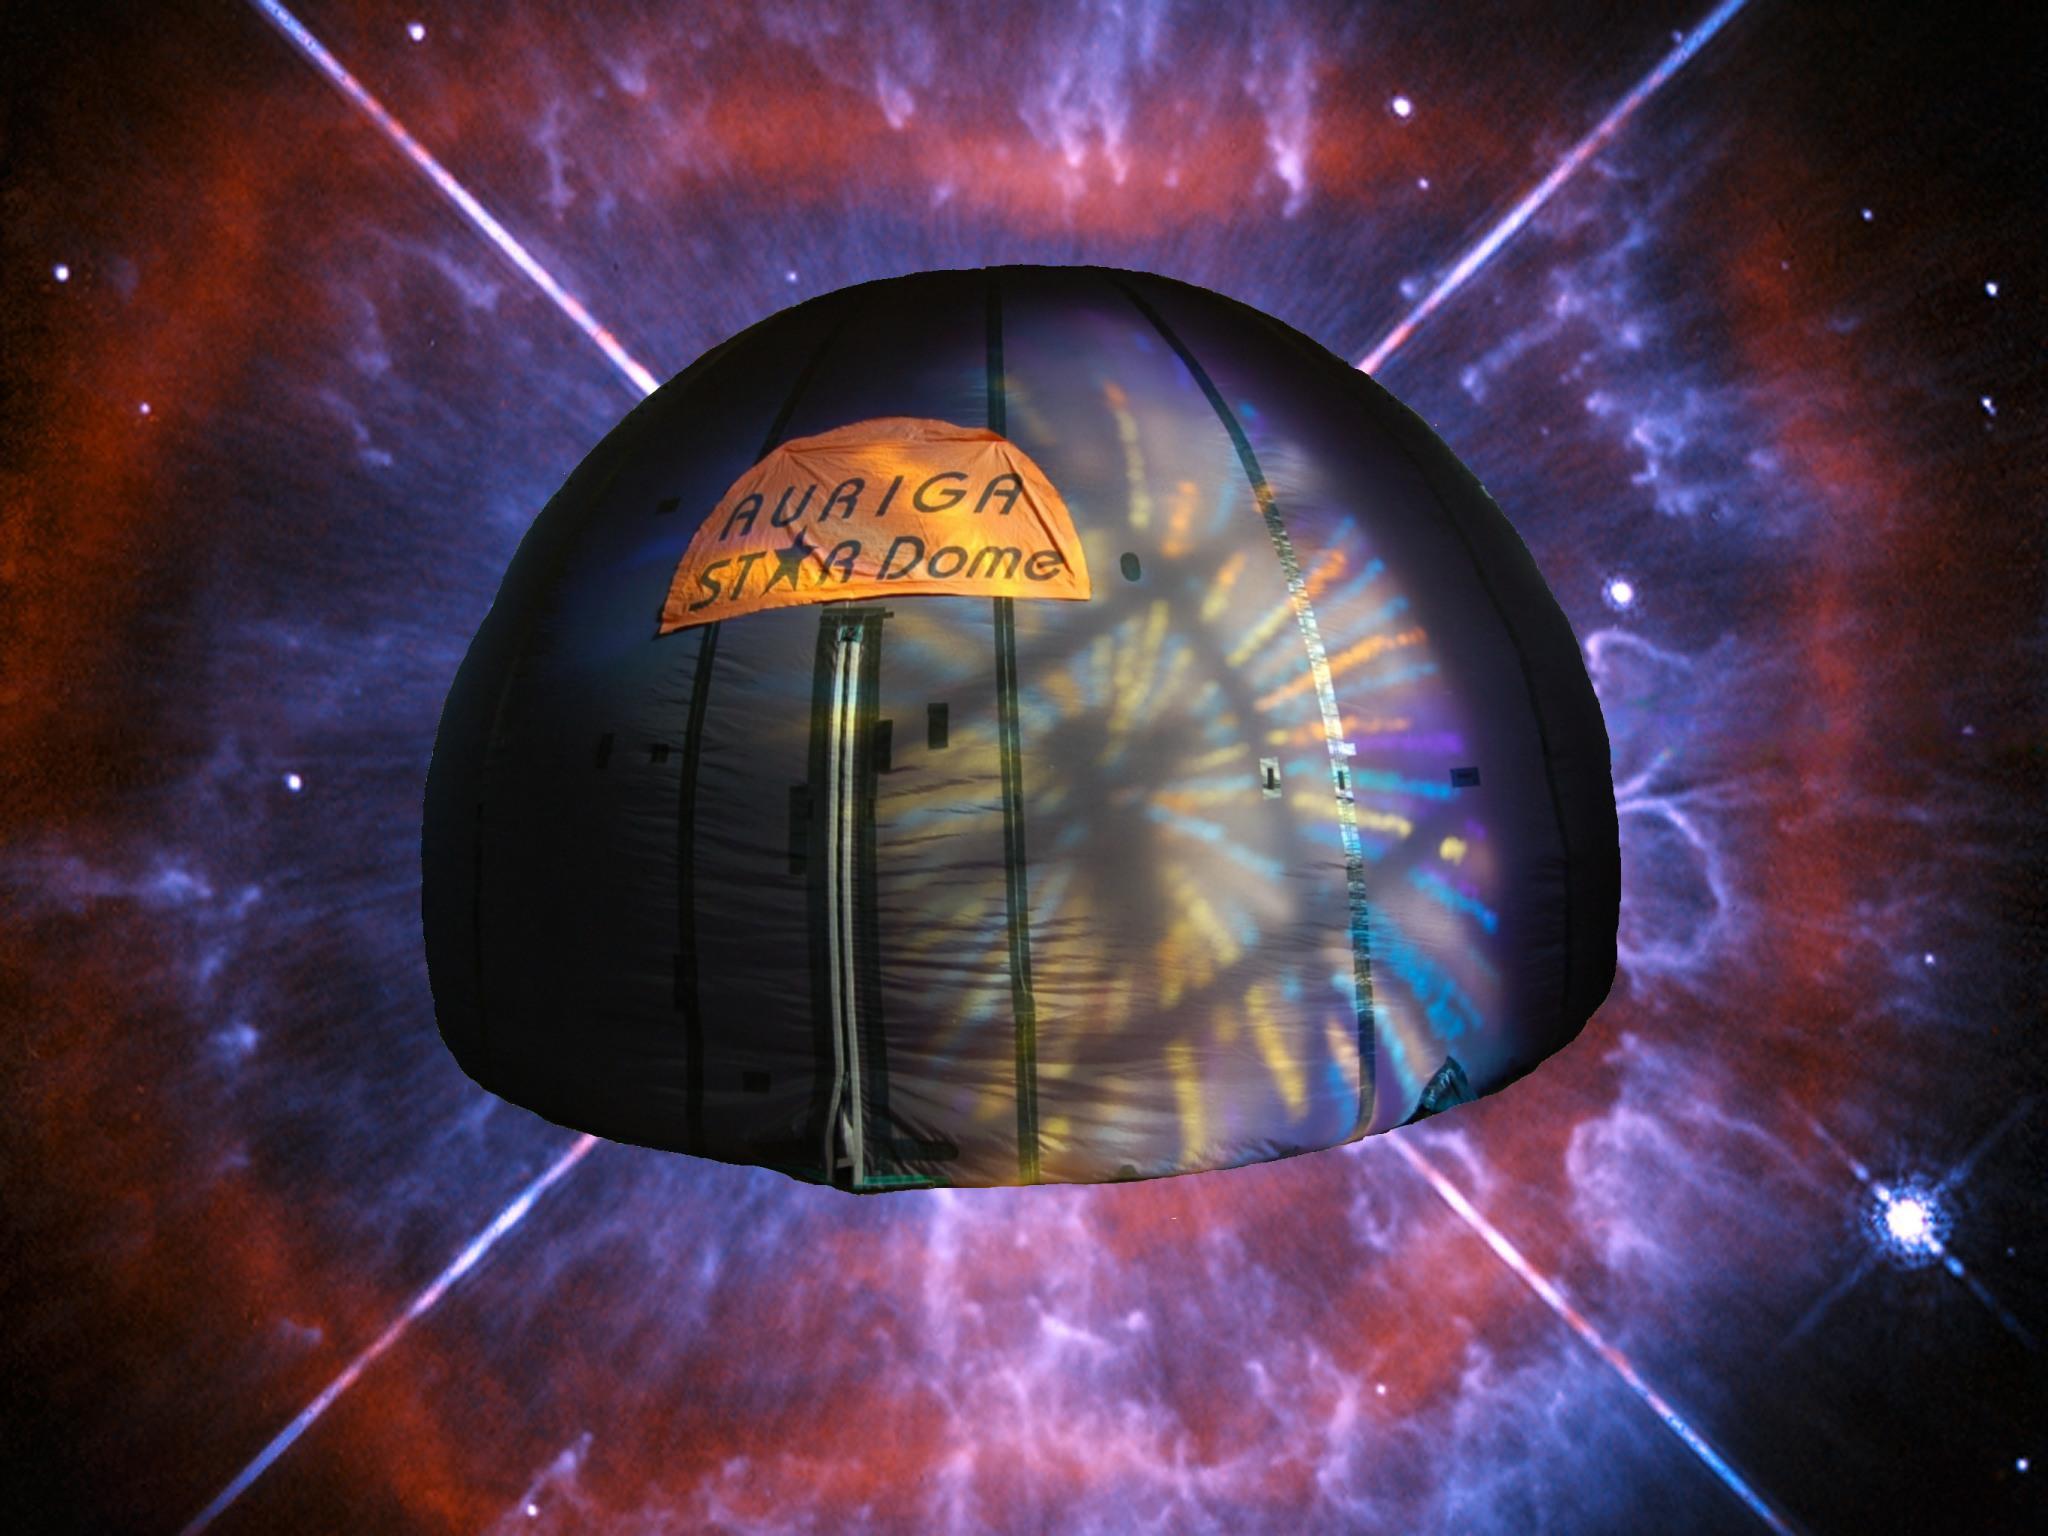 Auriga Astronomy - Star Dome